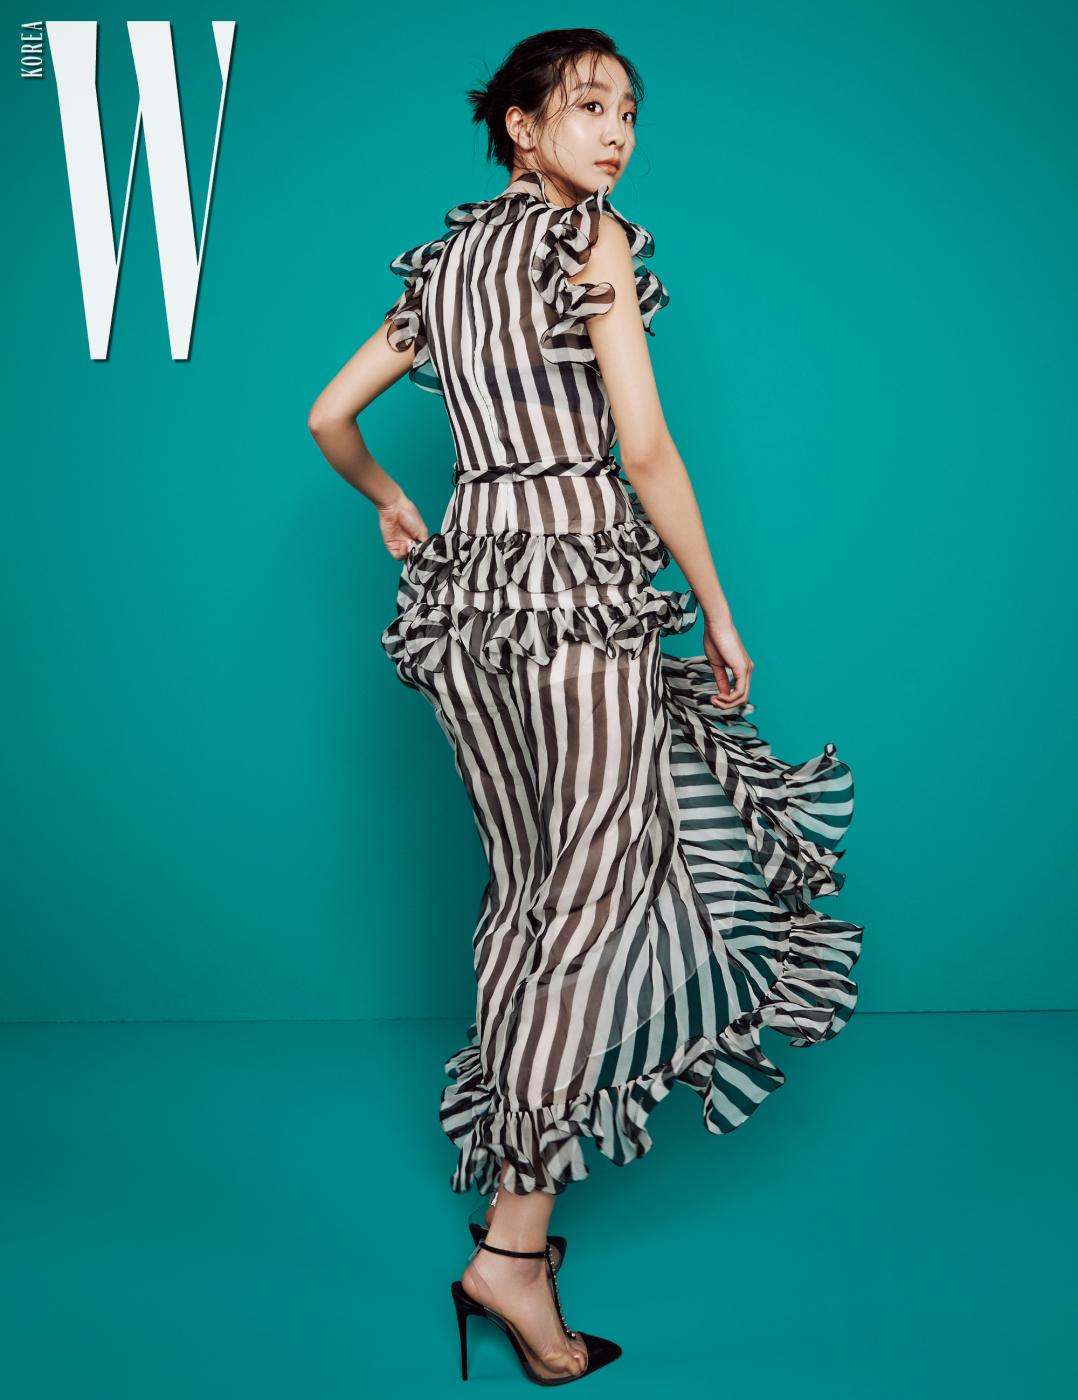 줄무늬 검정 드레스는 발렌티노, 검정 스트랩 힐은 크리스찬 루부탱 제품.